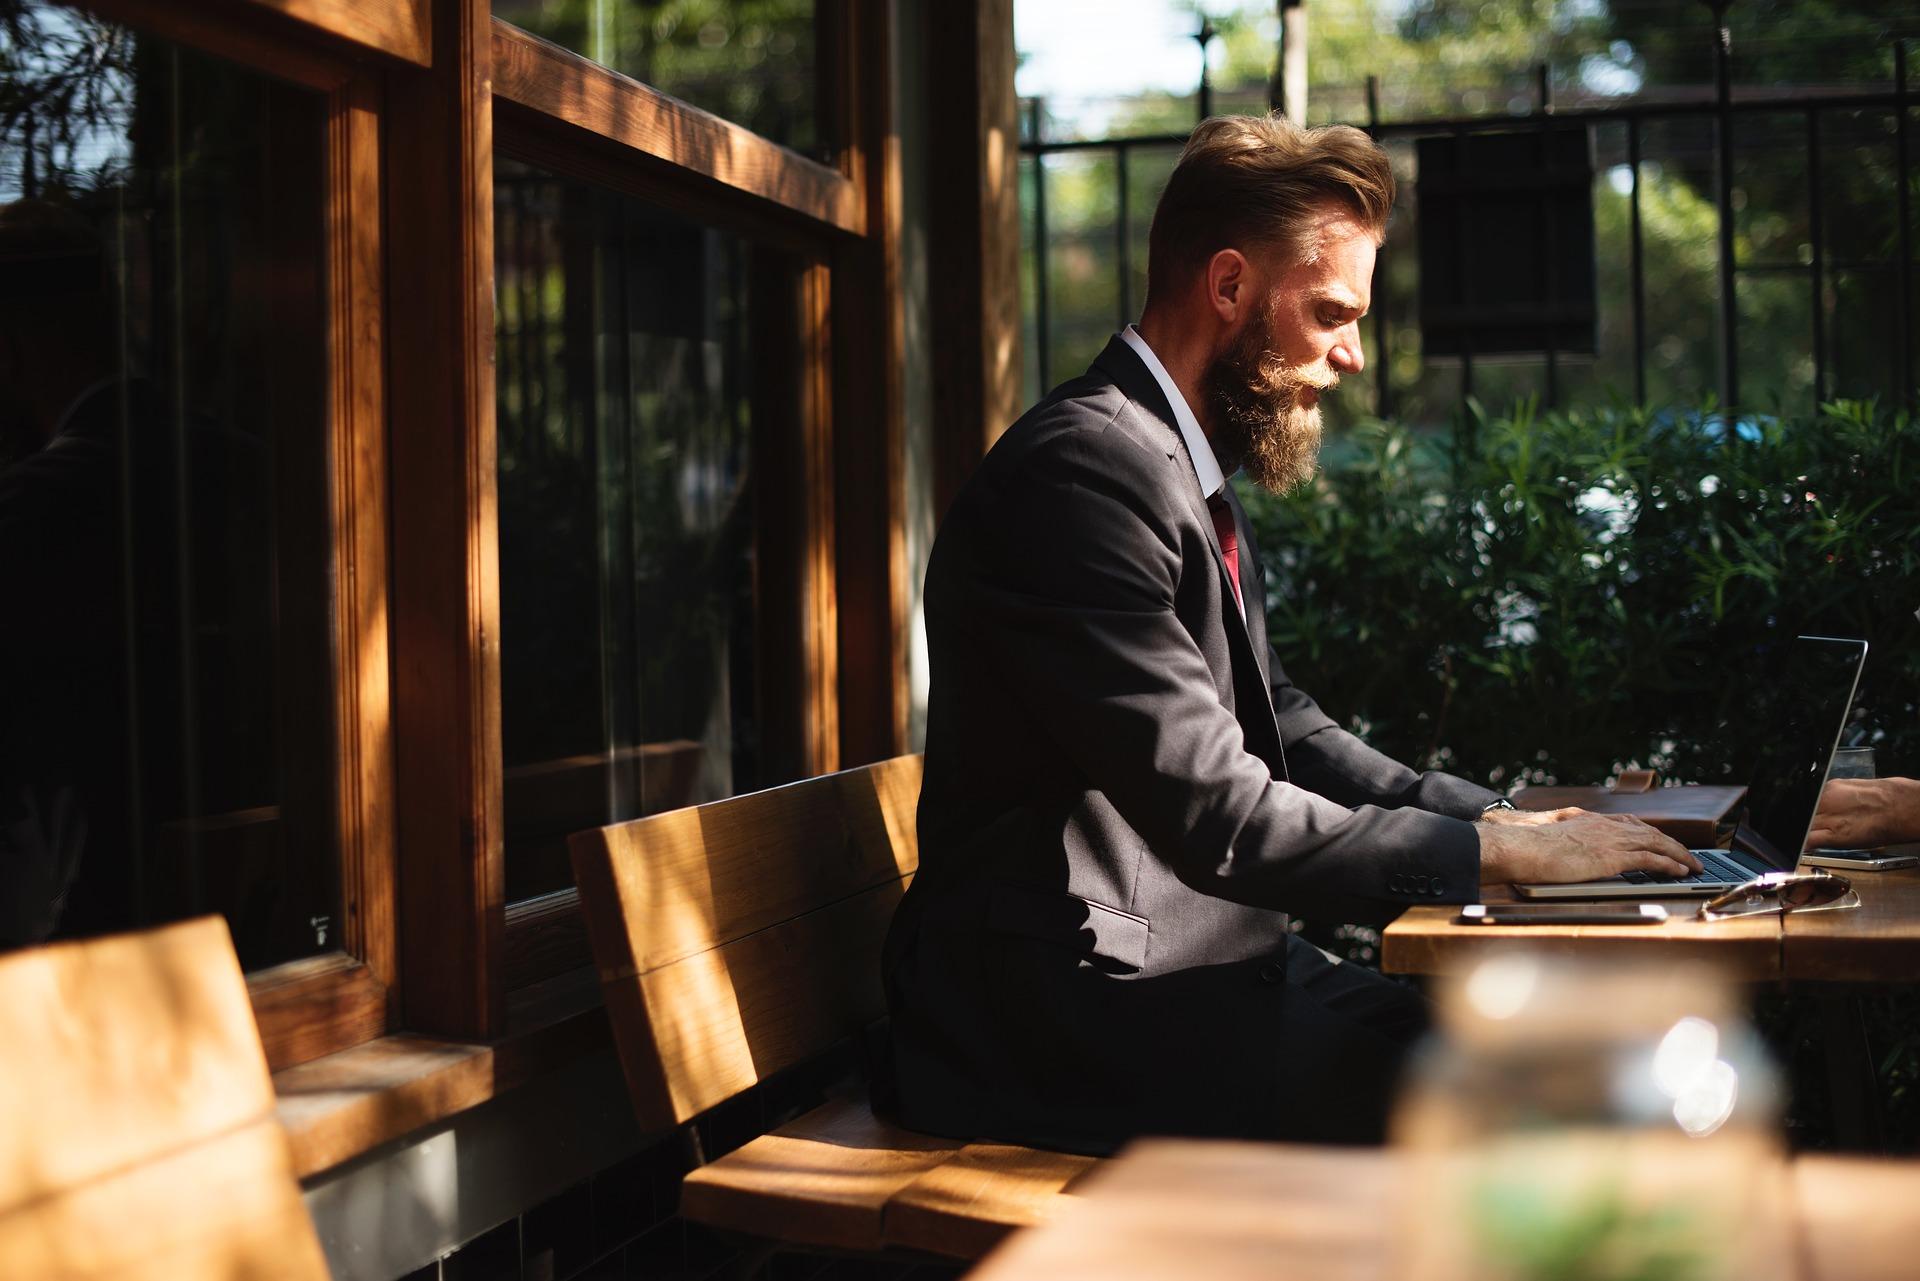 Десять питань, які варто собі поставити перед запуском бізнесу - startups, news, business